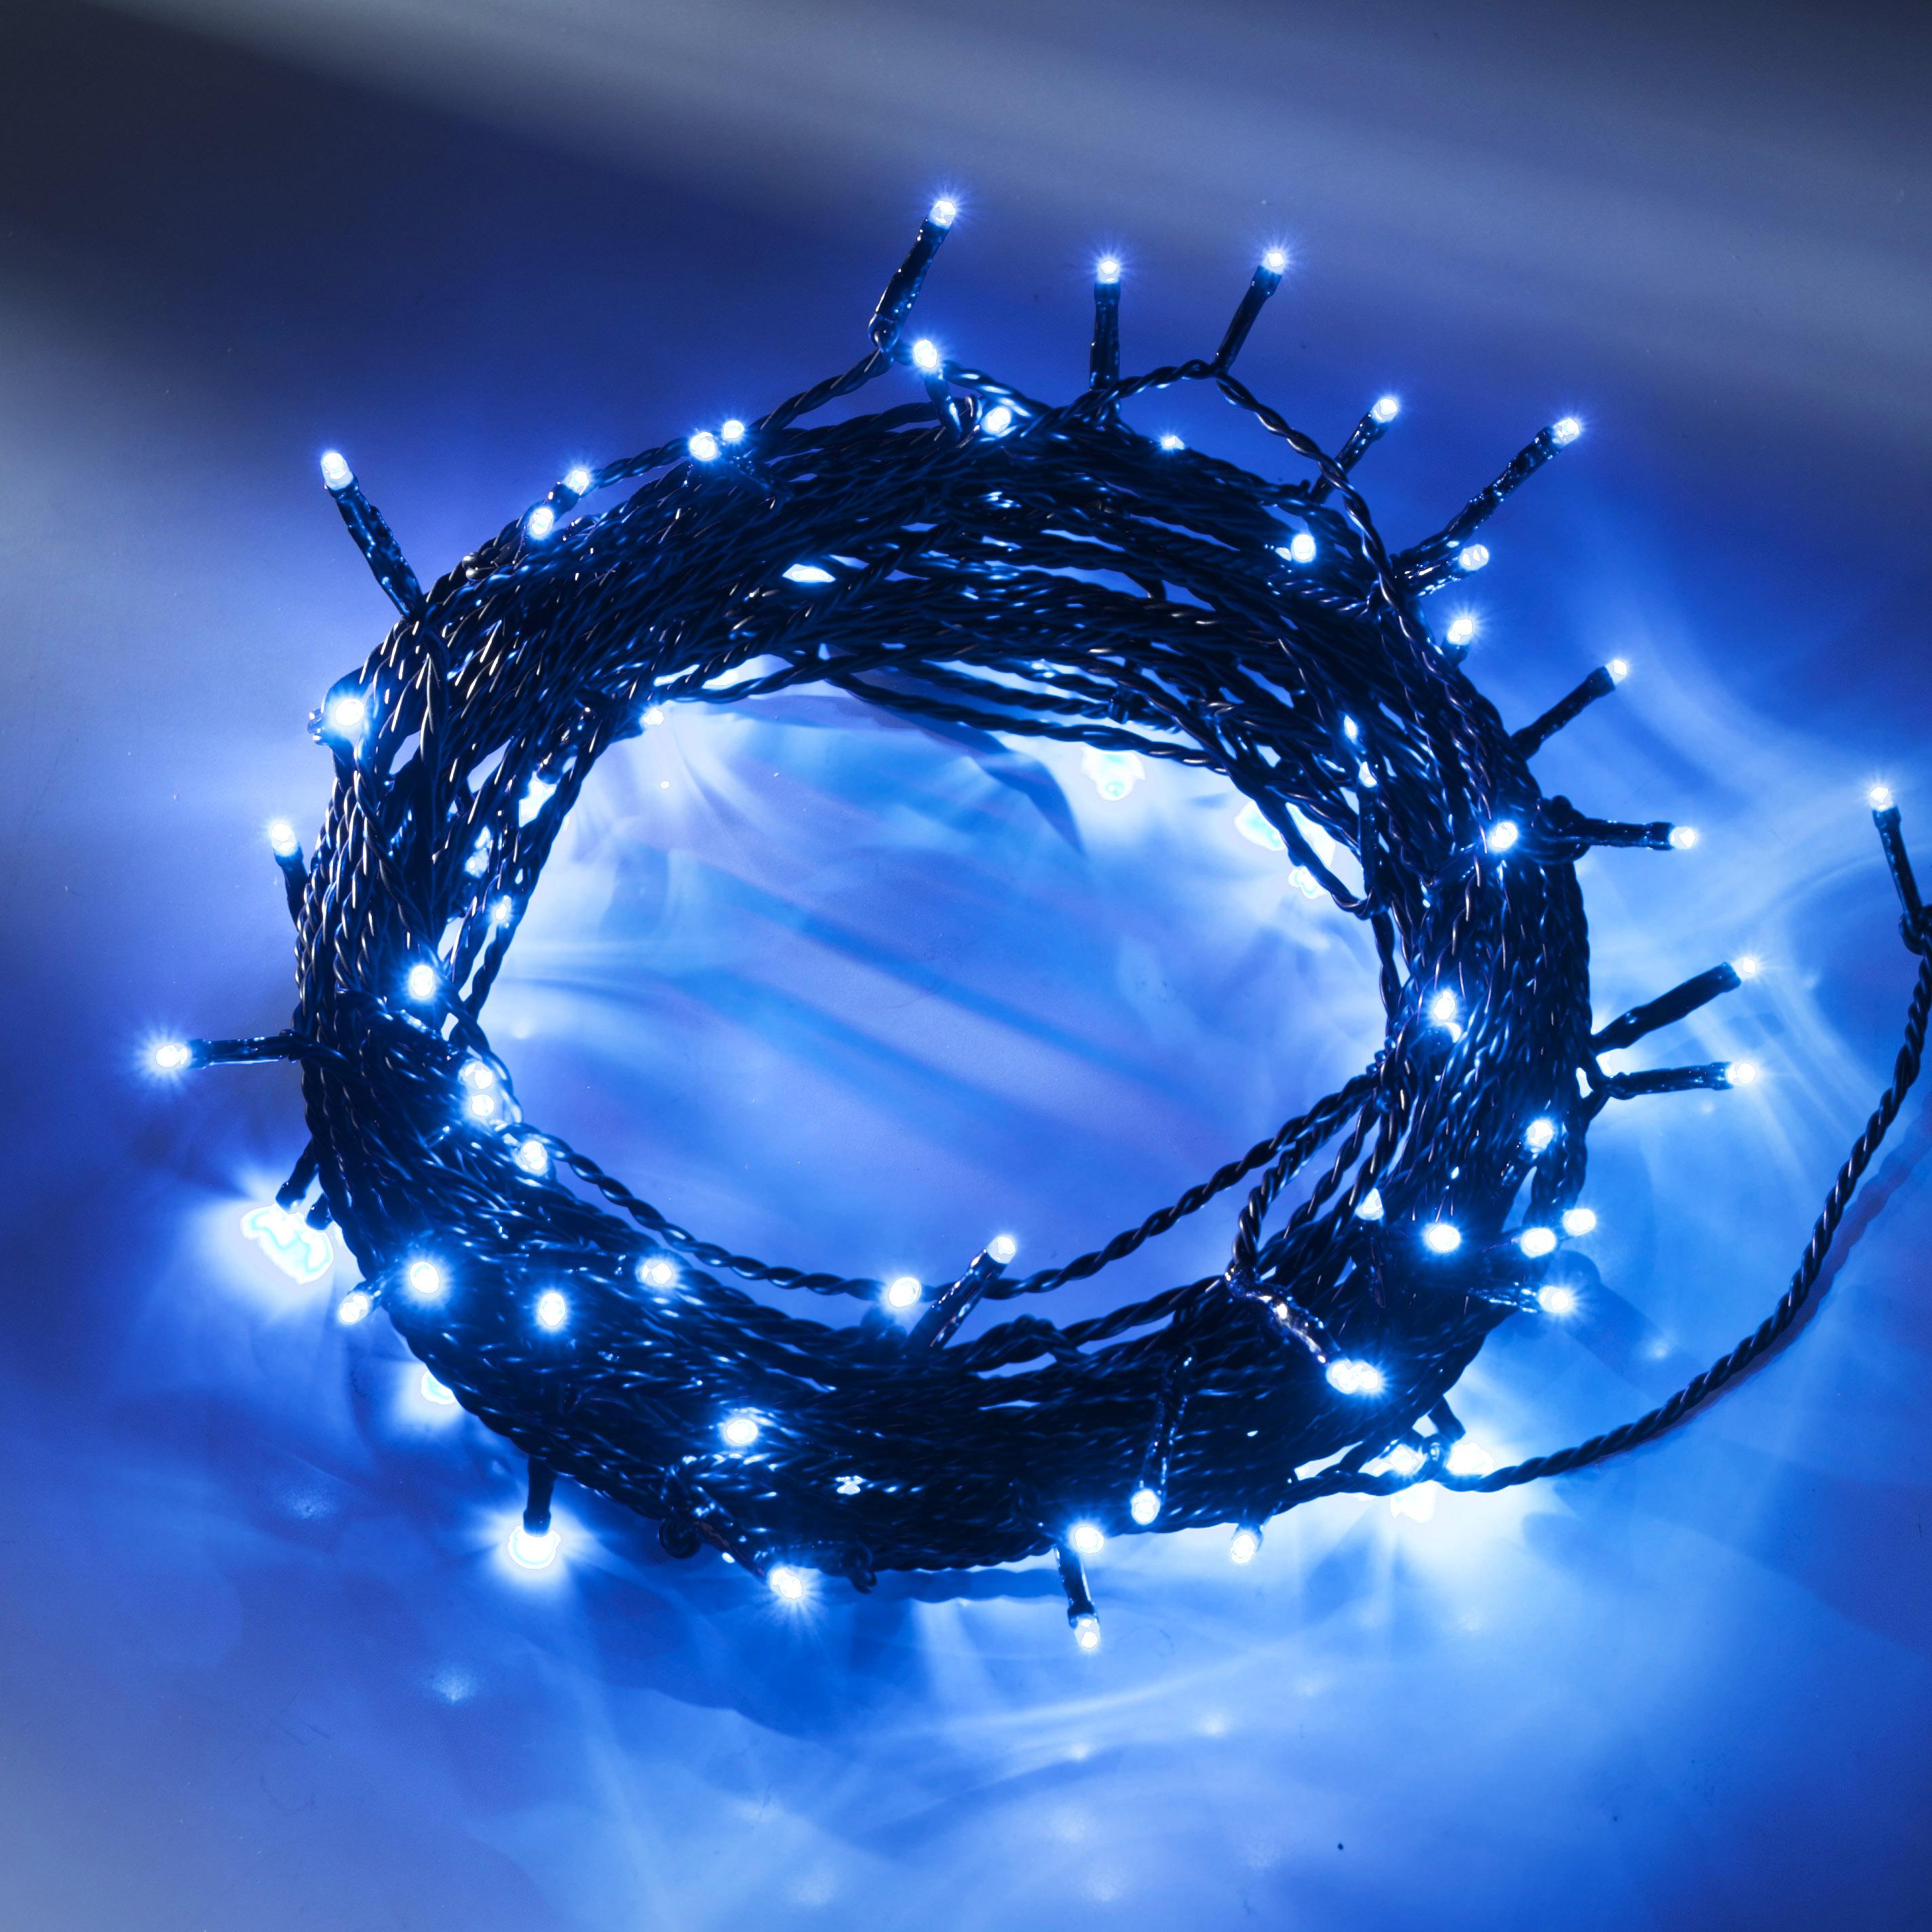 Konstsmide LED-Lichterkette, blau, 16m, 40 LEDs 3610-400